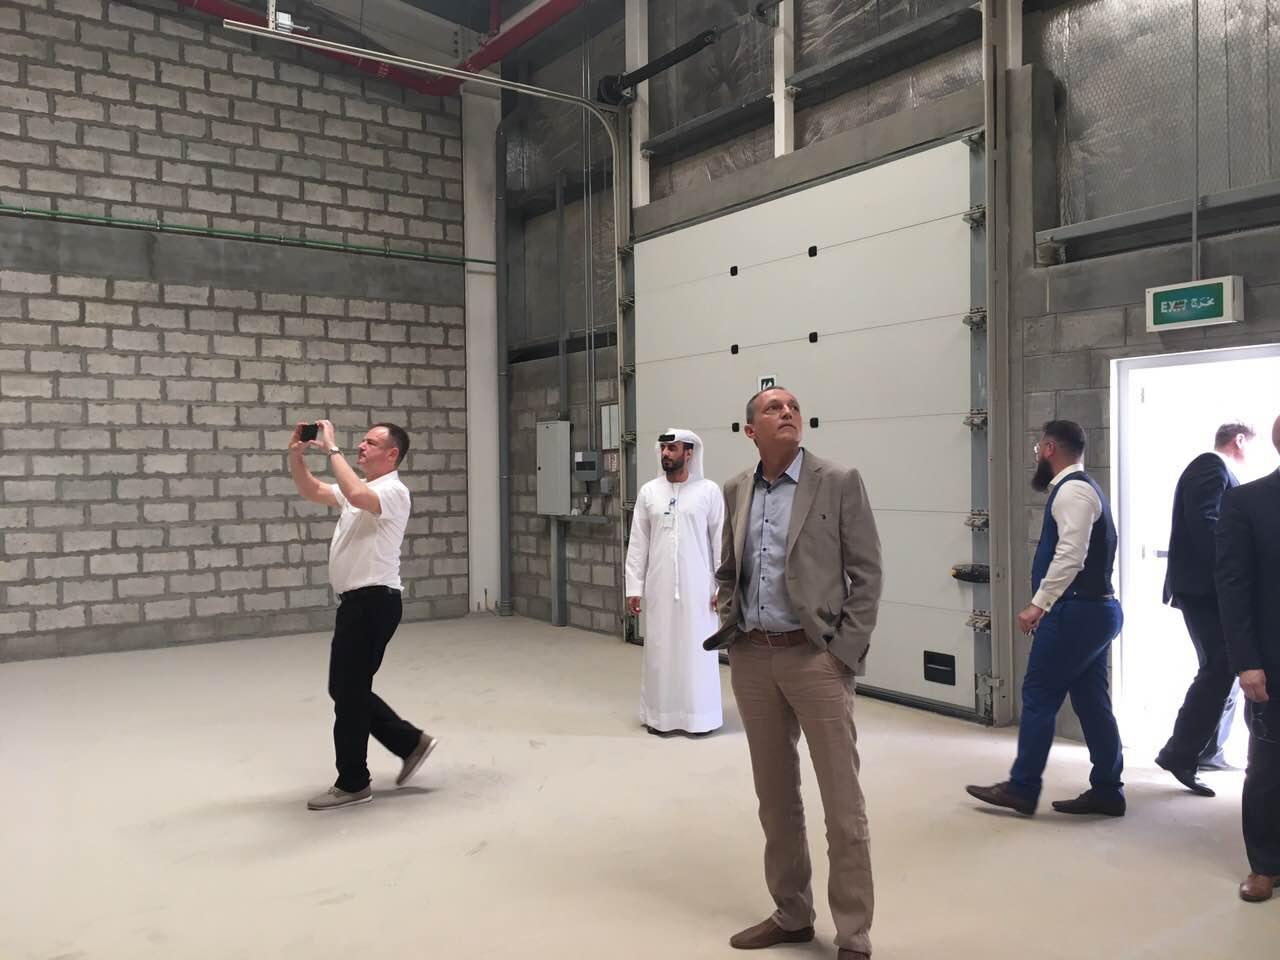 ВЫЕЗДНОЕ МЕРОПРИЯТИЕ УКРАИНСКОГО БИЗНЕС-ЦЕНТРА UCCI в ОАЭ (как практическая форма заседания Эмиратско-Украинского делового совета)